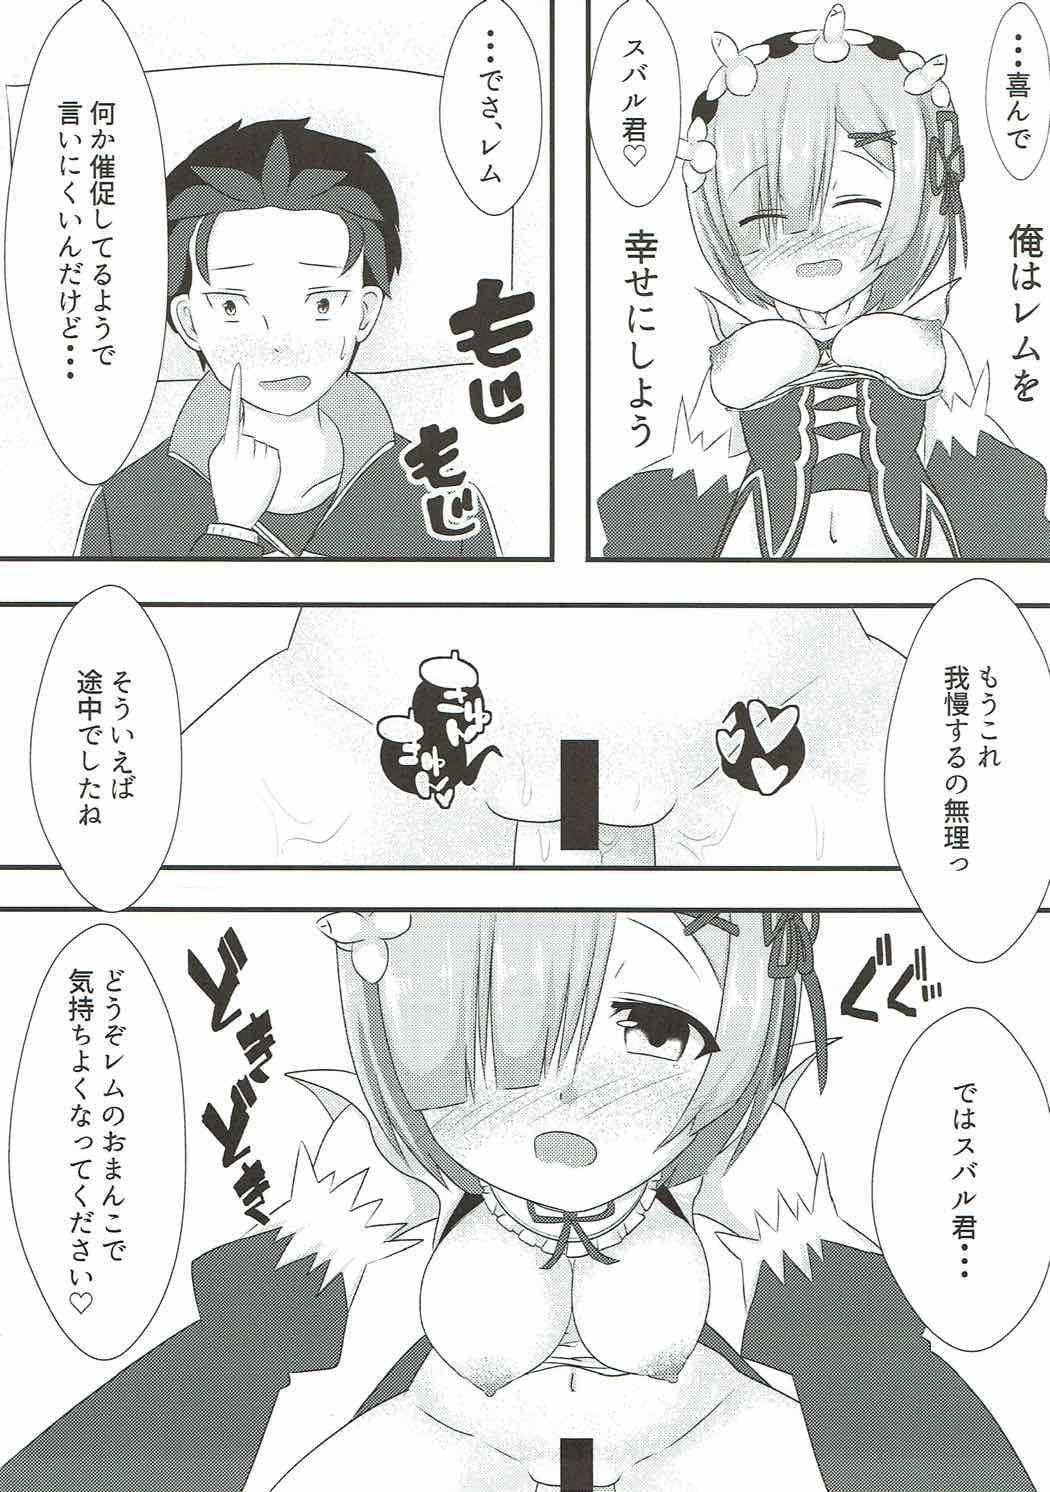 Subaru-kun wa Rem ga Nagusamete Agemasu 15